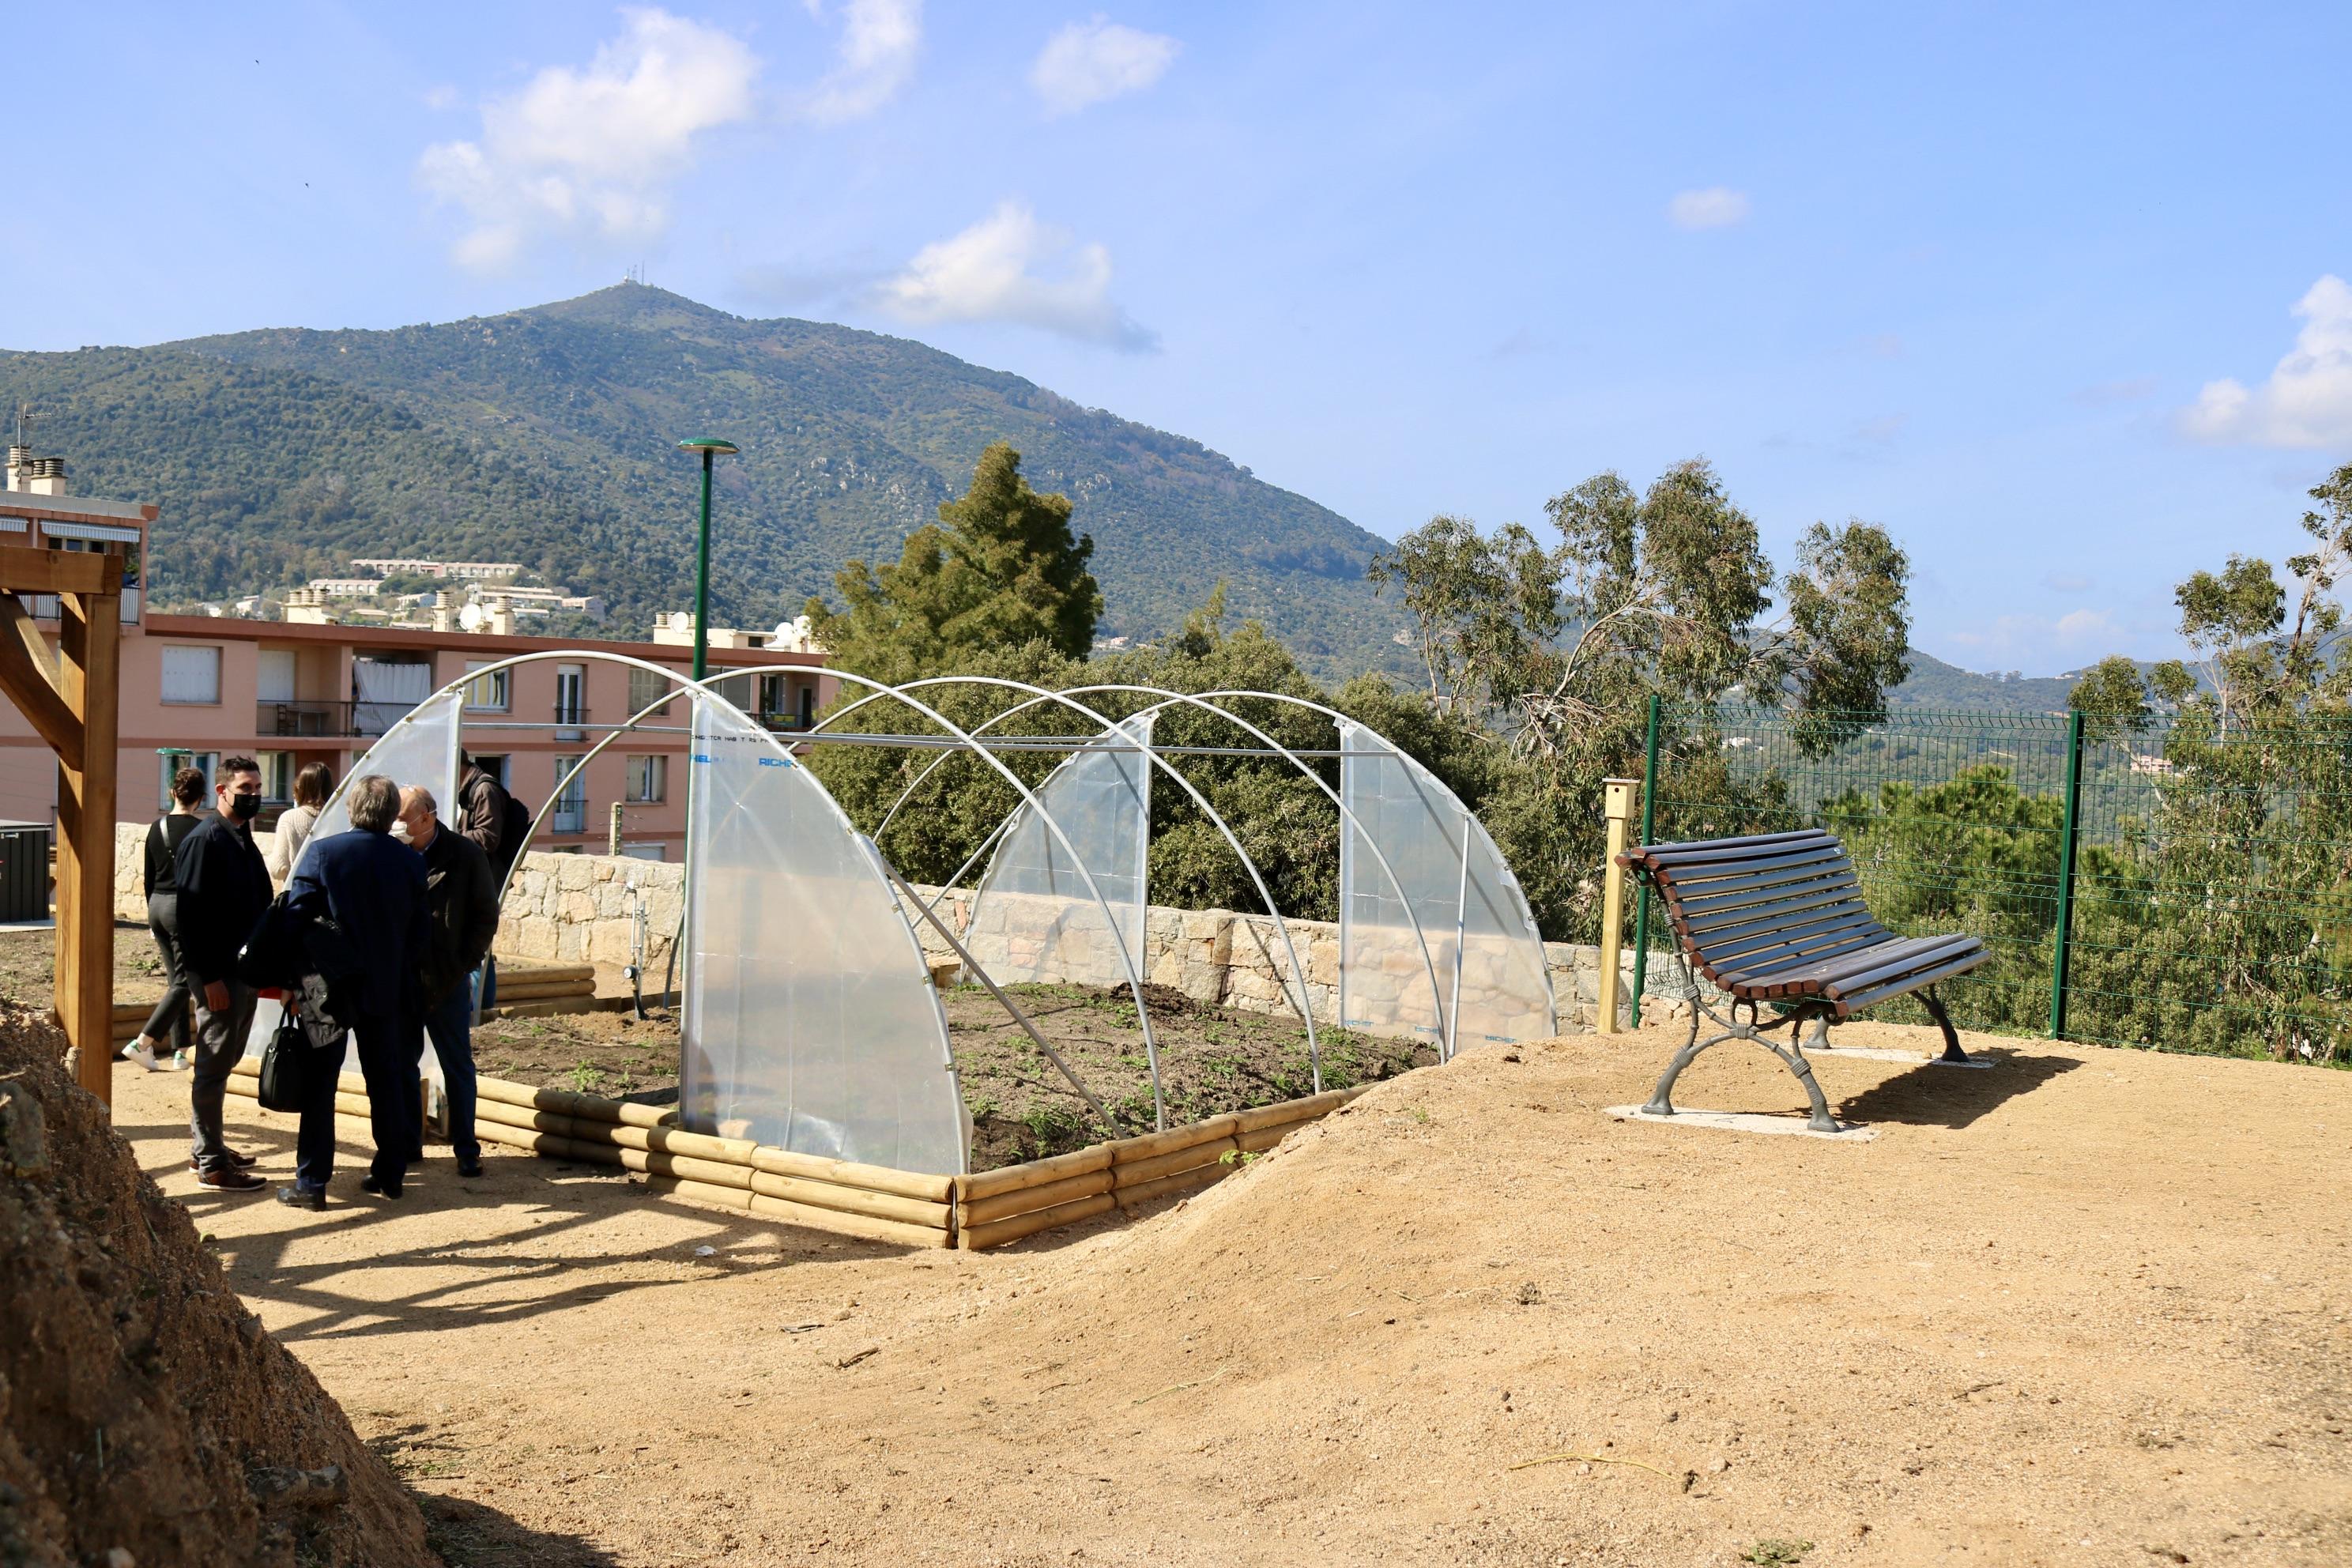 Idéalement situés sur les hauteurs d'Ajaccio, ce coin de jardin potager est géré par l'association de quartier.